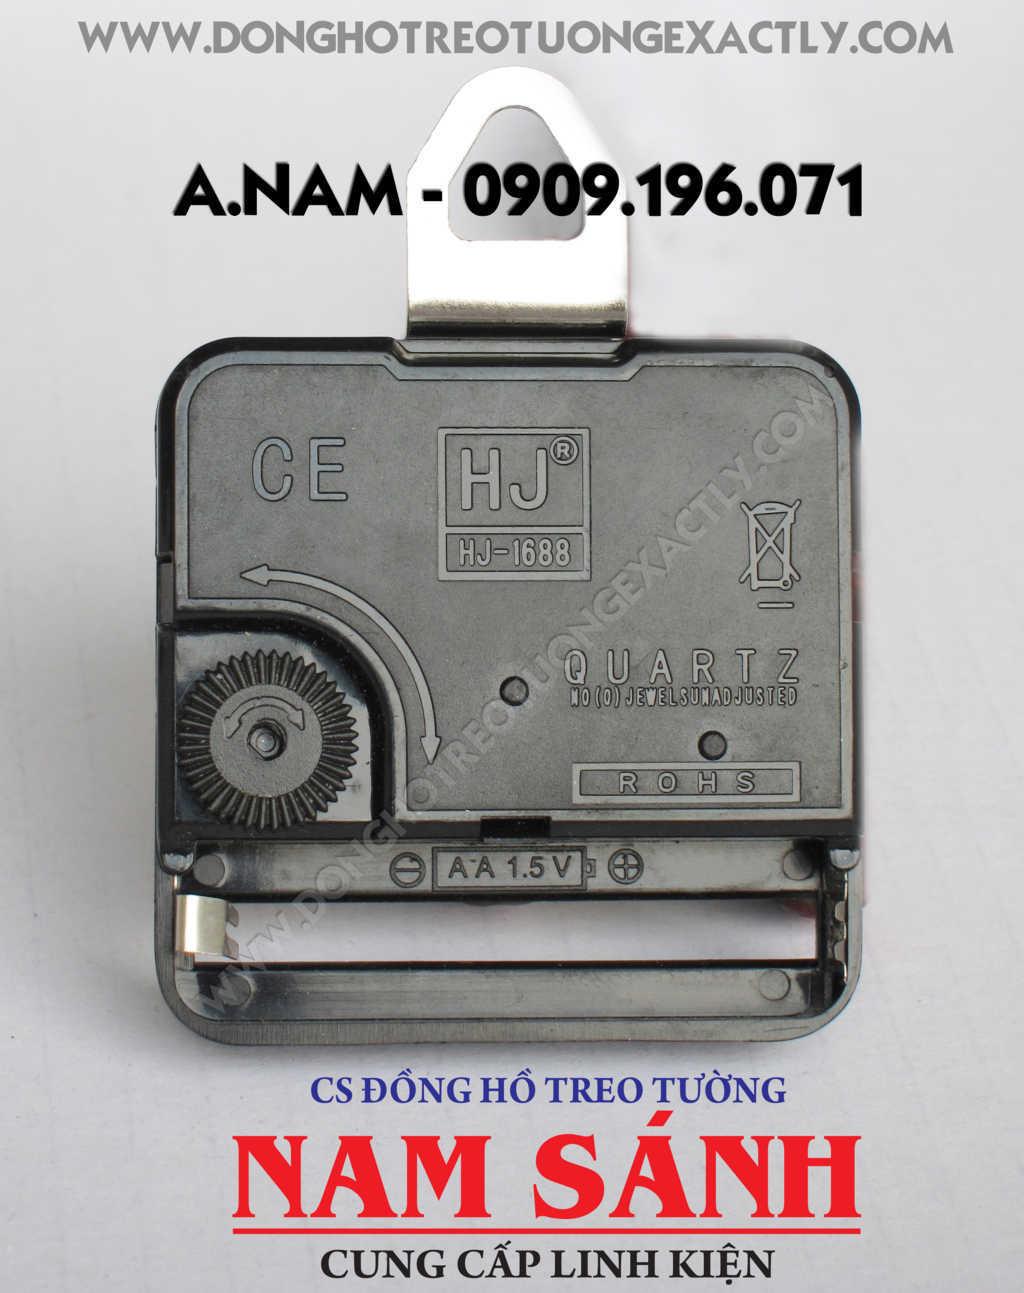 Diễn đàn rao vặt tổng hợp: máy đồng hồ treo tường giá sỉ IMG_5727-1%20-%20A.Nam%200909.196.071